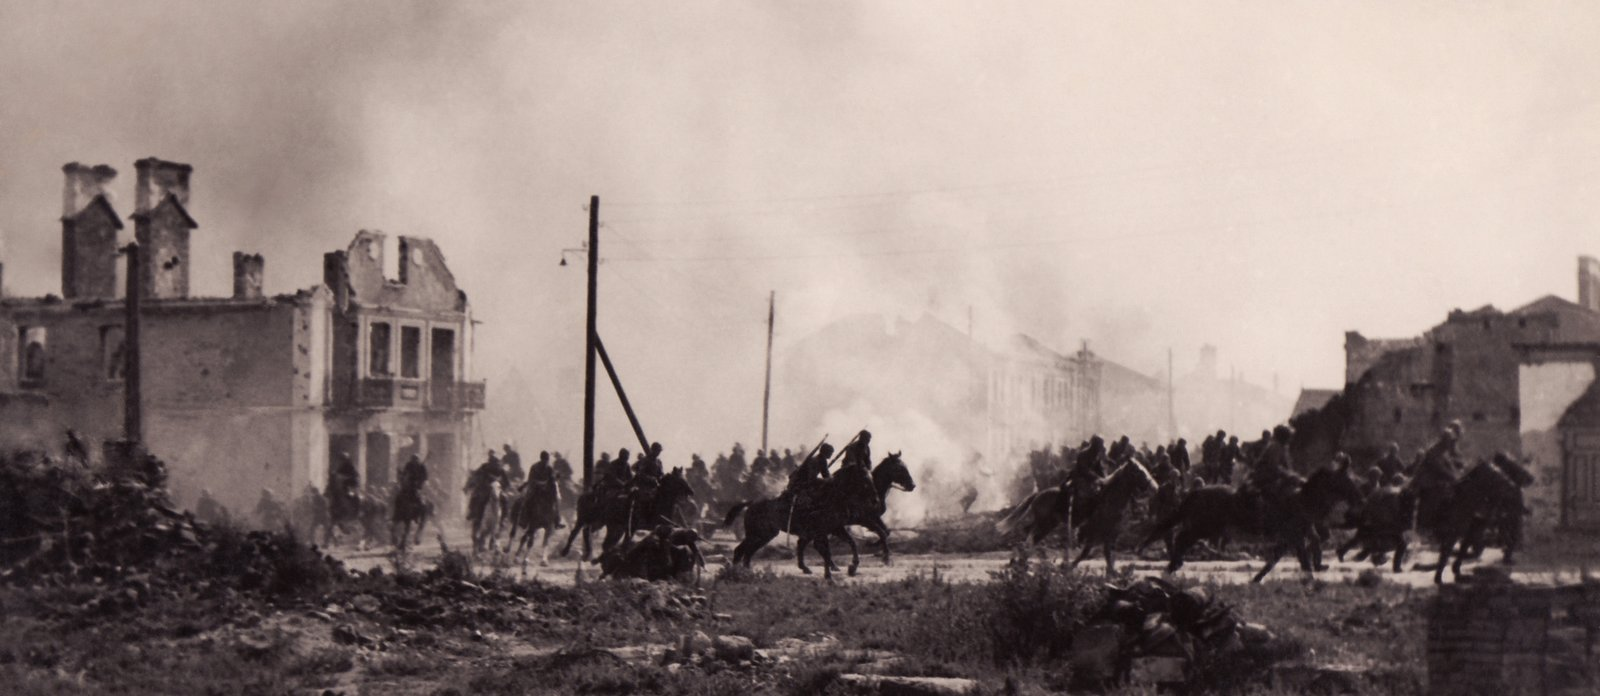 Oddziały polskiej kawalerii biorącej udział wbitwie nad Bzurą. Oddziały polskiej kawalerii biorącej udział wbitwie nad Bzurą. Źródło: domena publiczna.